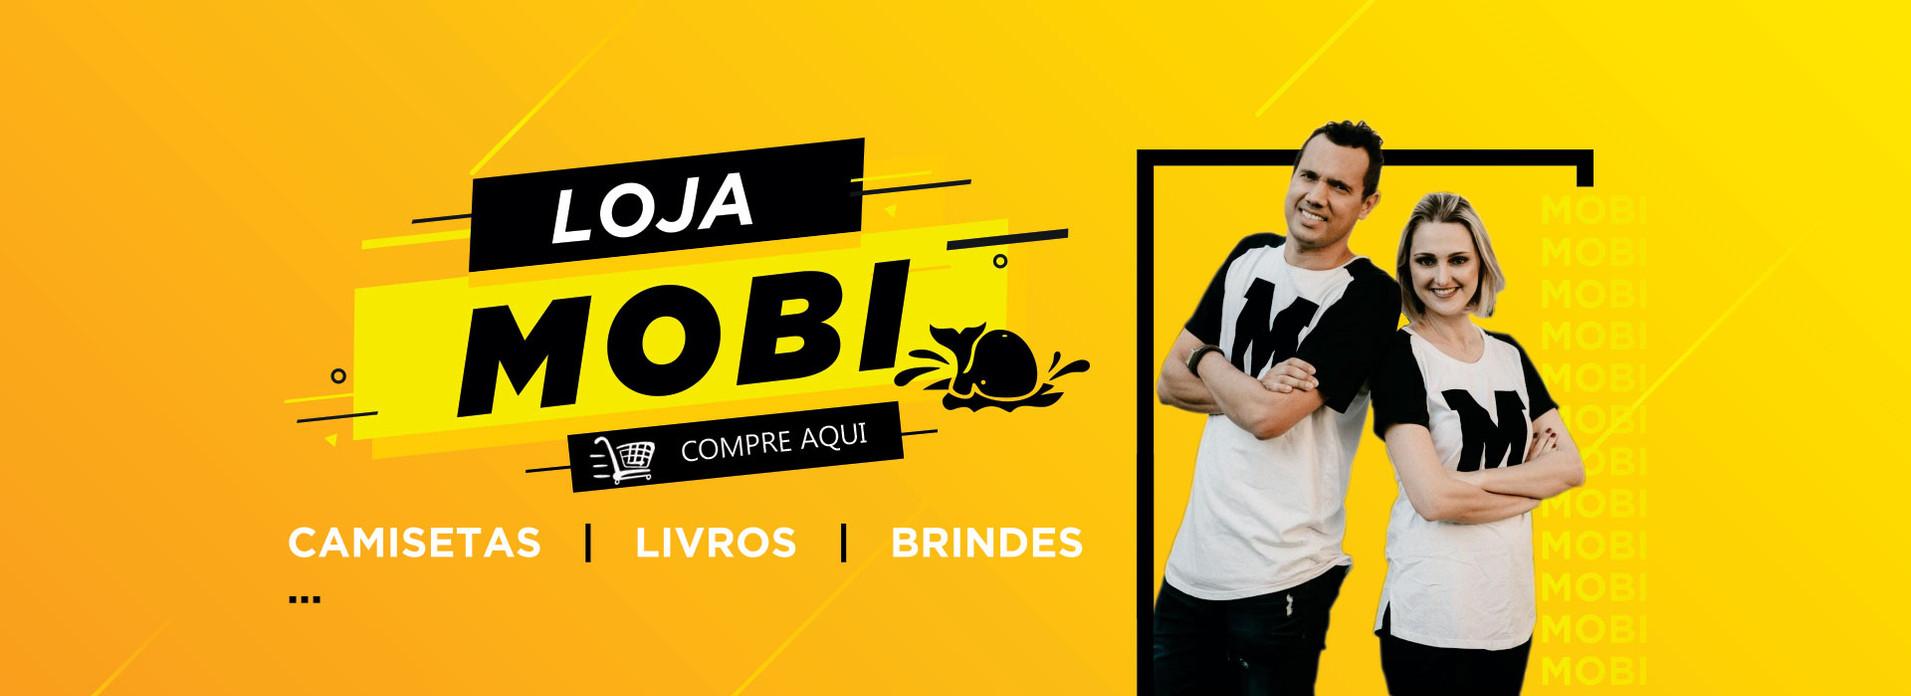 banner-loja-mobi-Curva.jpg